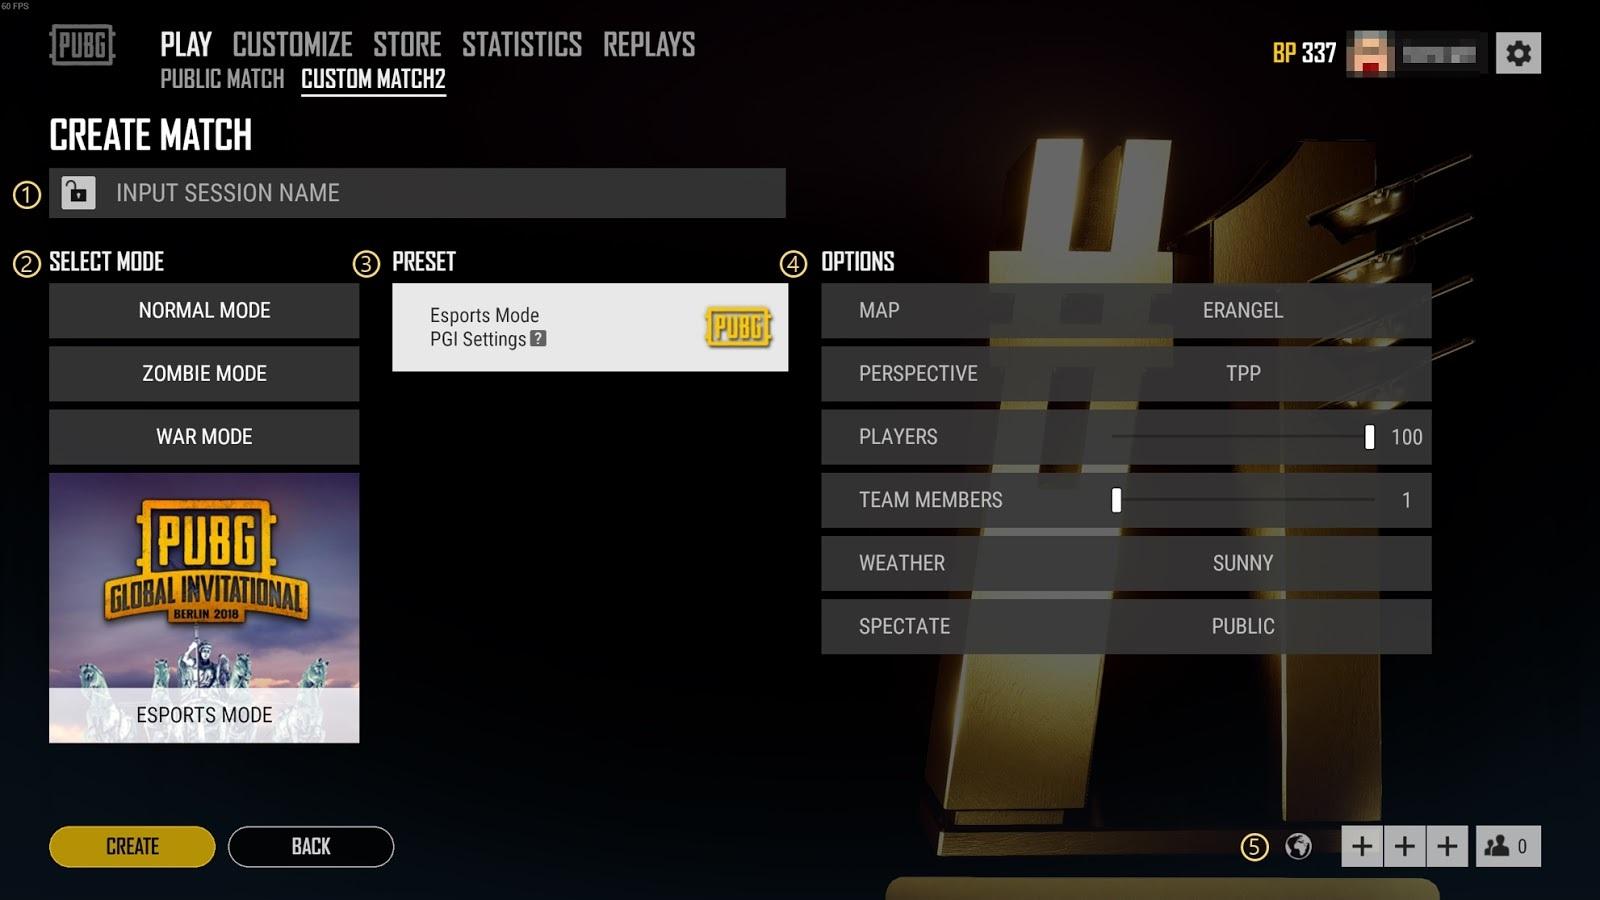 Criando esports Mode: Custom Match